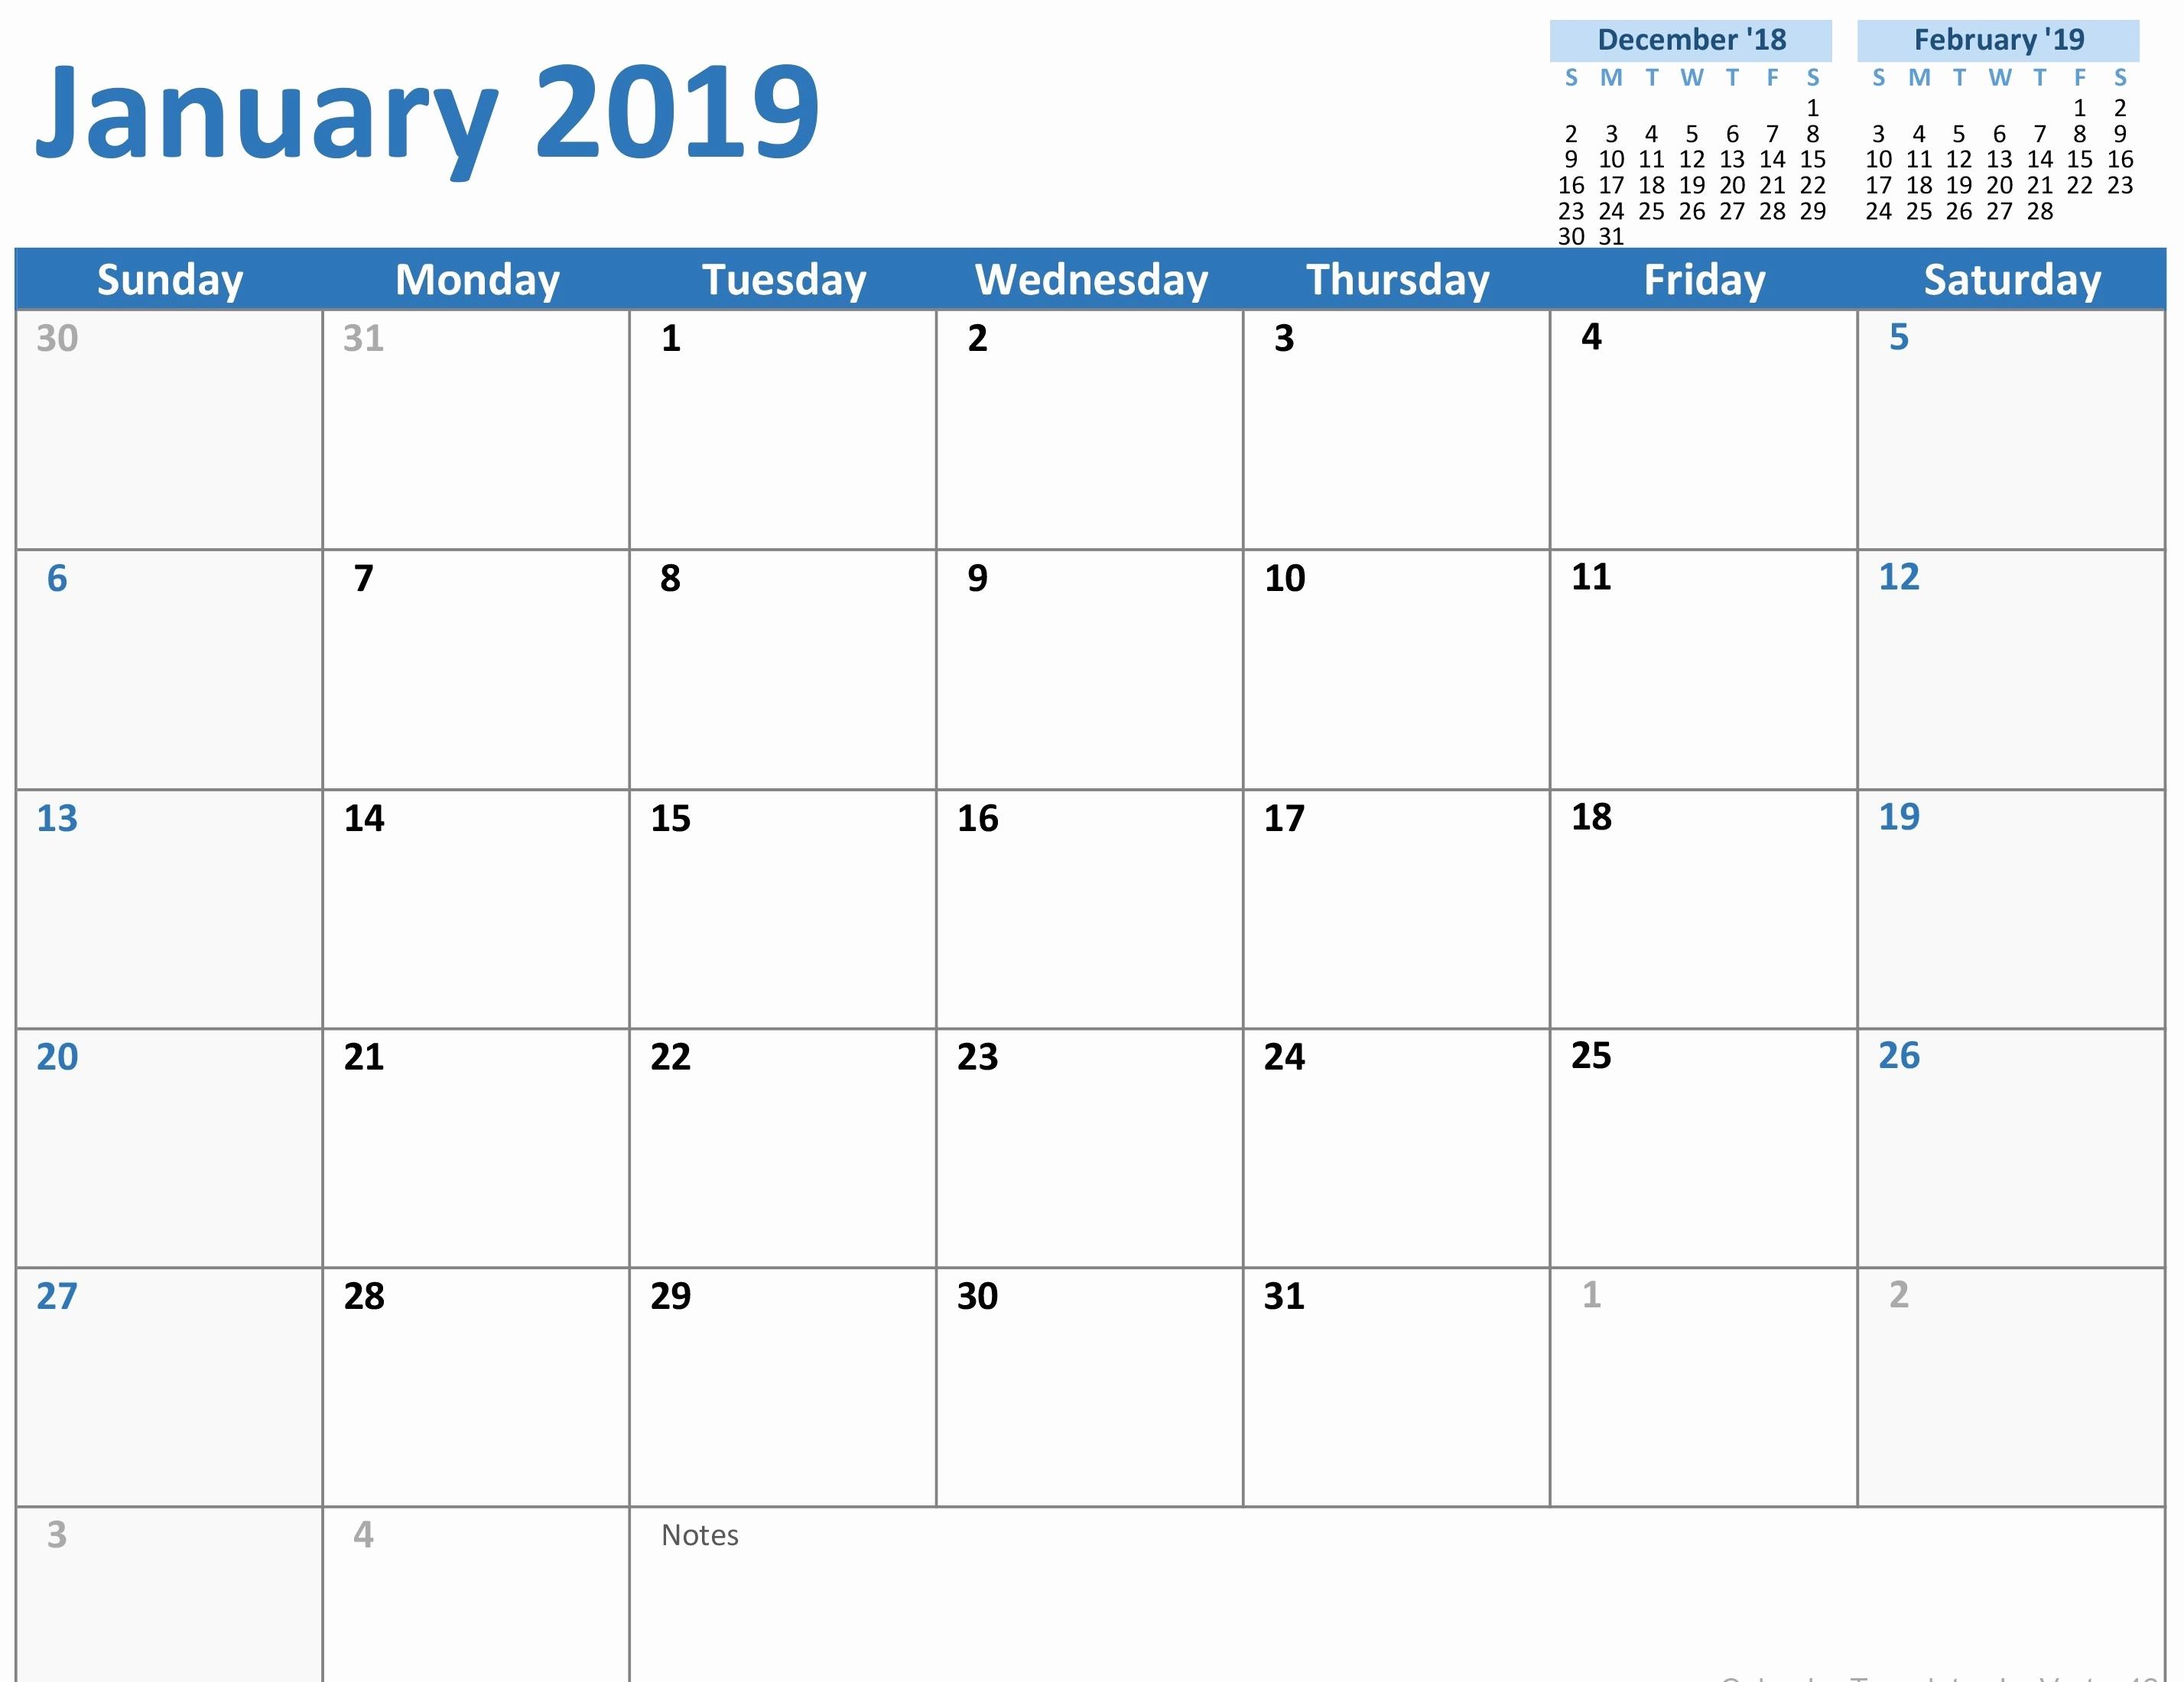 Imom Calendar 2019 2020 Decorative Calendar Template 2017 regarding Imom Calendar 2020